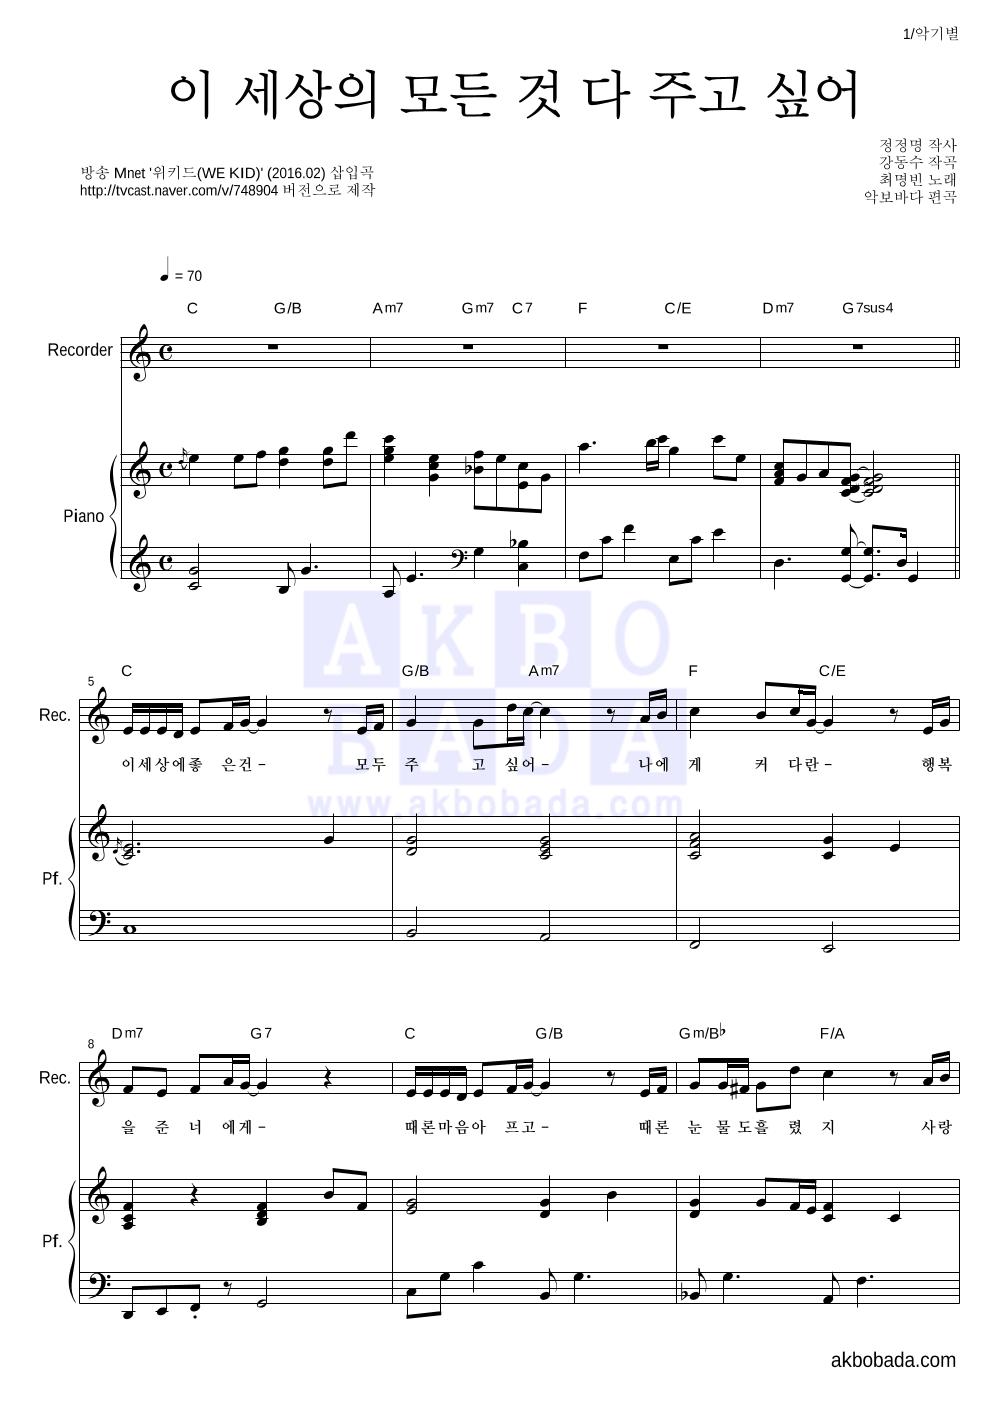 최영빈 - 이 세상의 모든 것 다 주고 싶어 리코더&피아노 악보